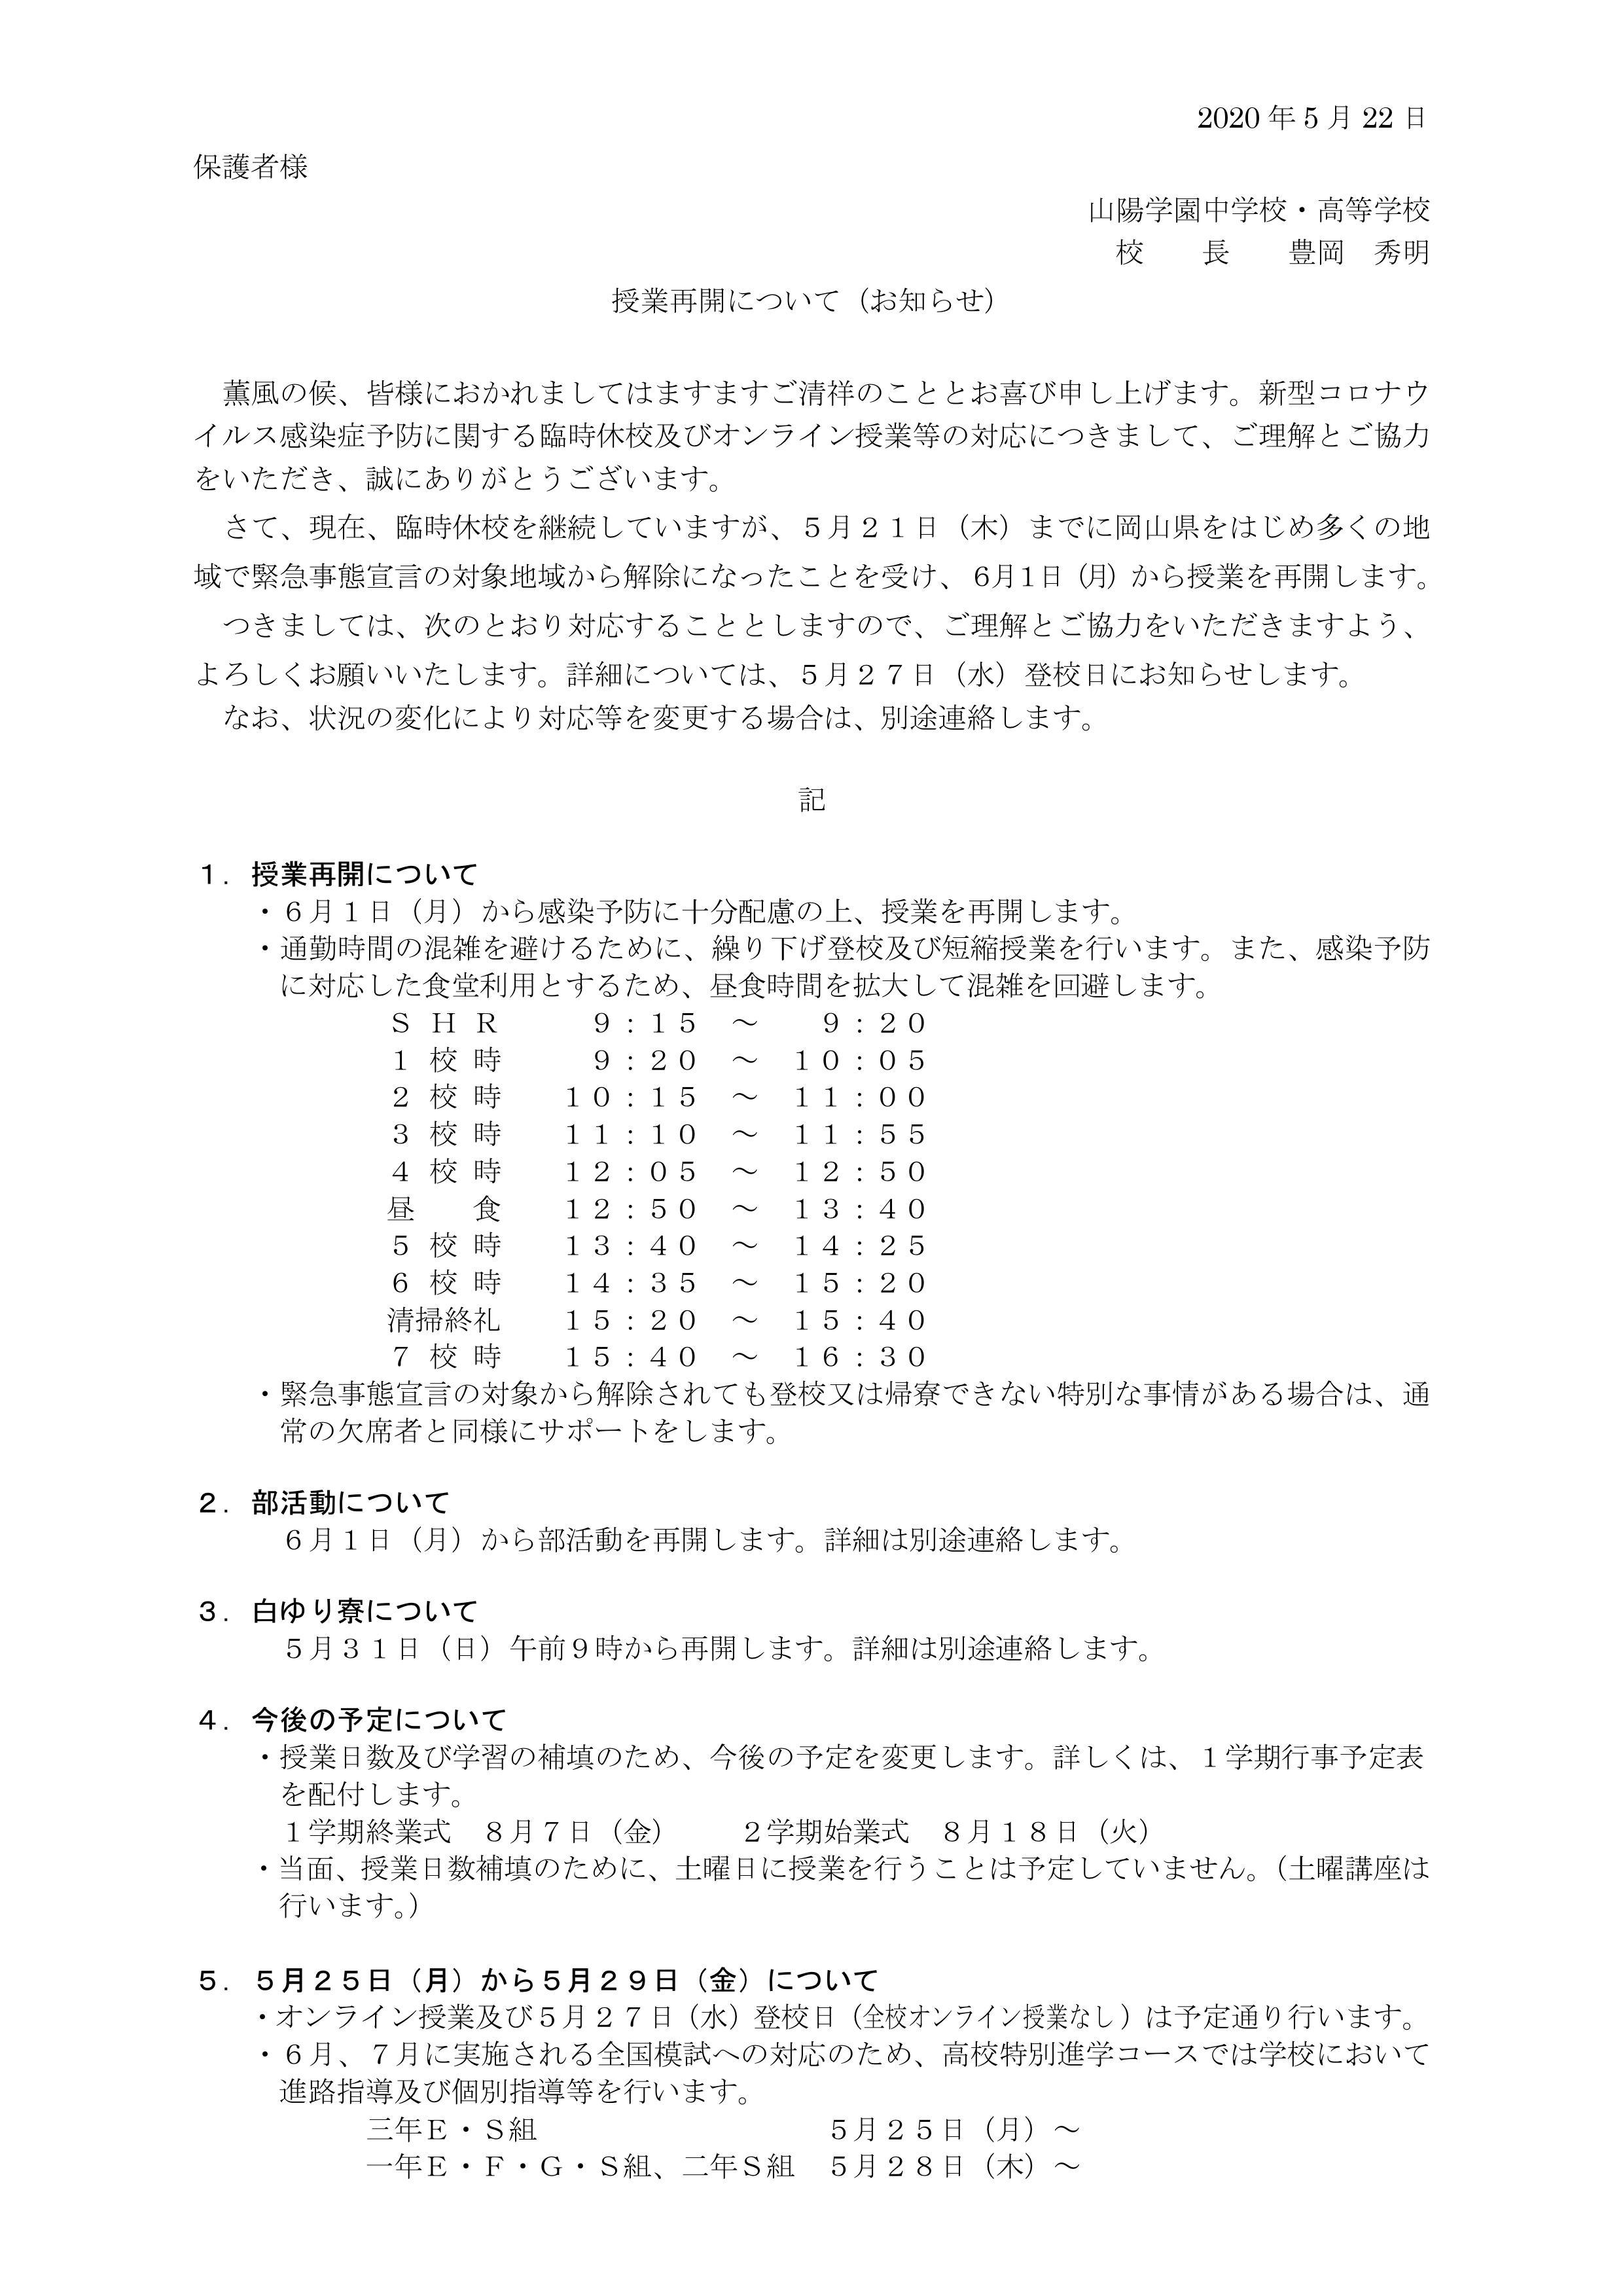 2020年6月1日学校再開についてお知らせ_000001